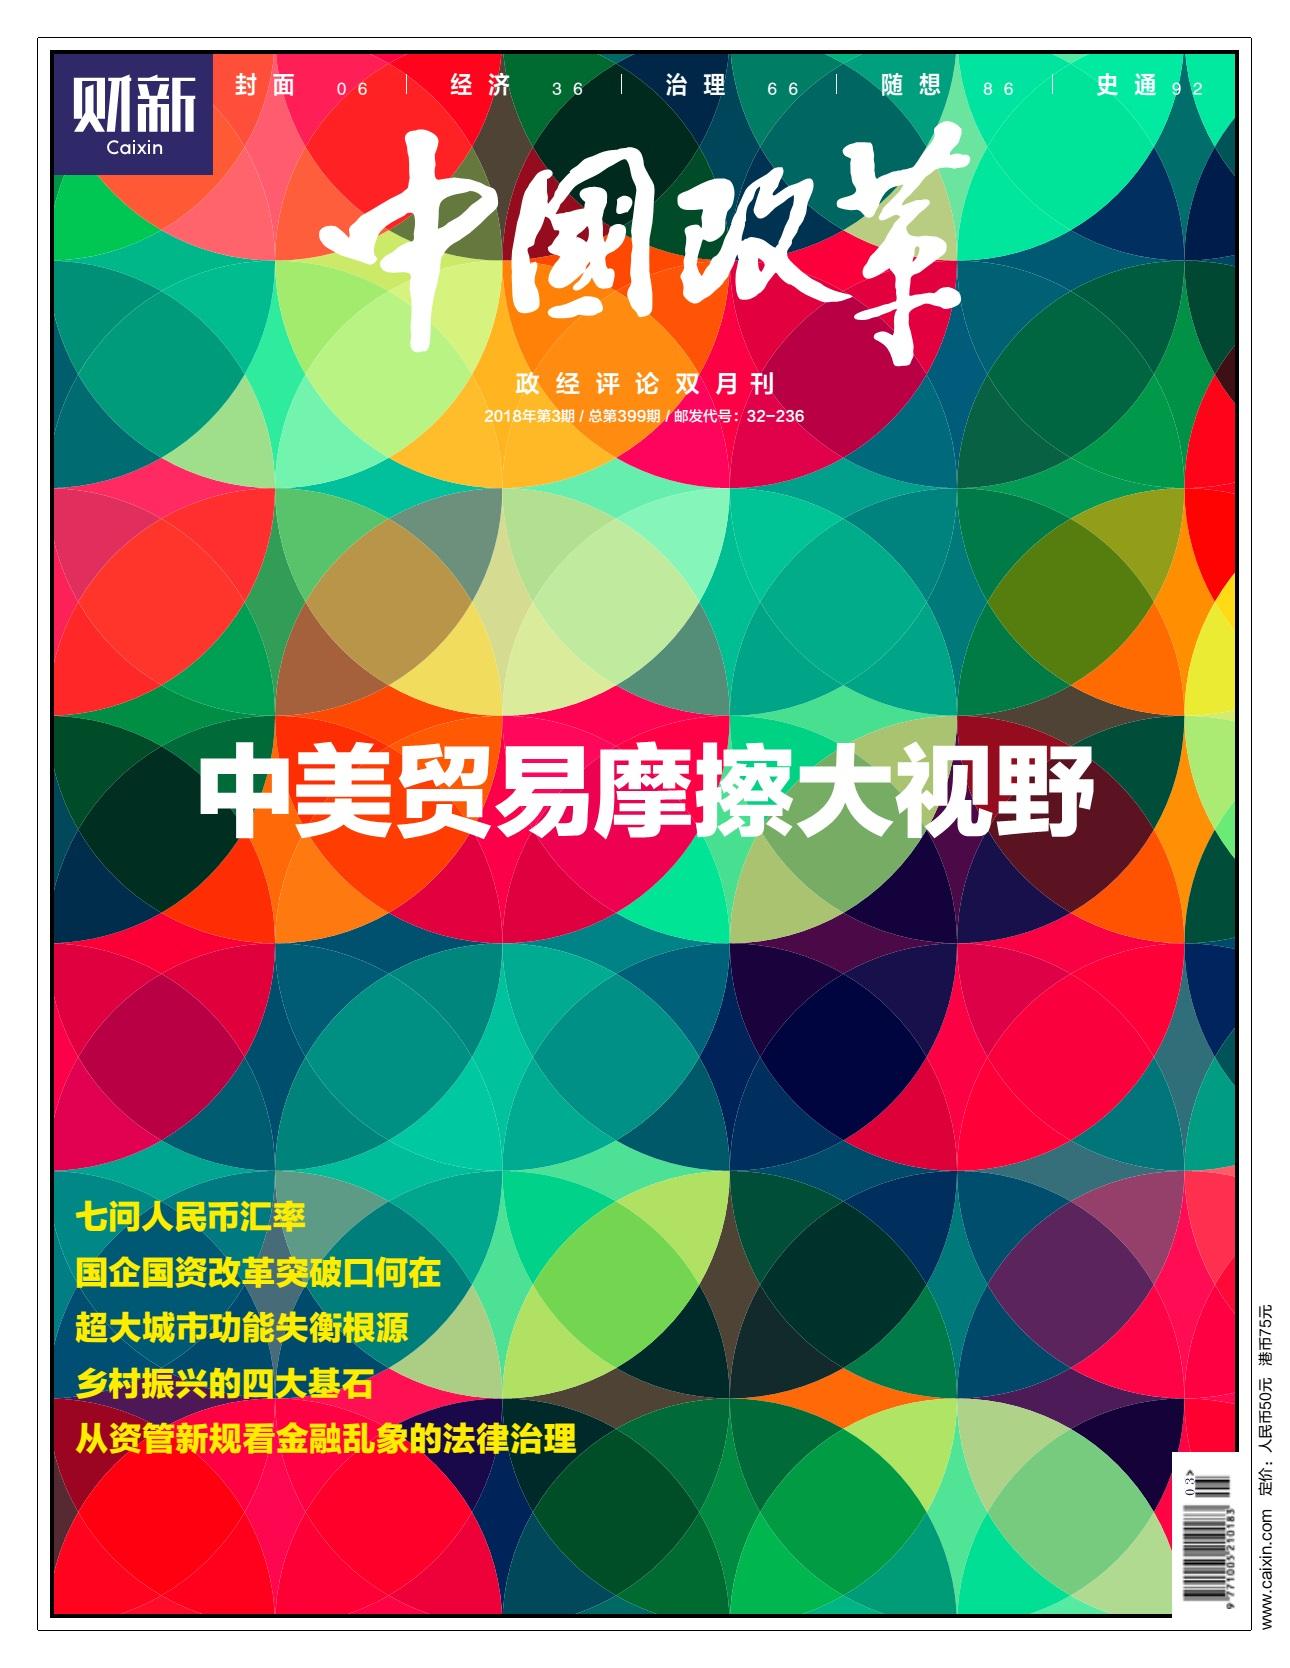 《中国改革》第399期